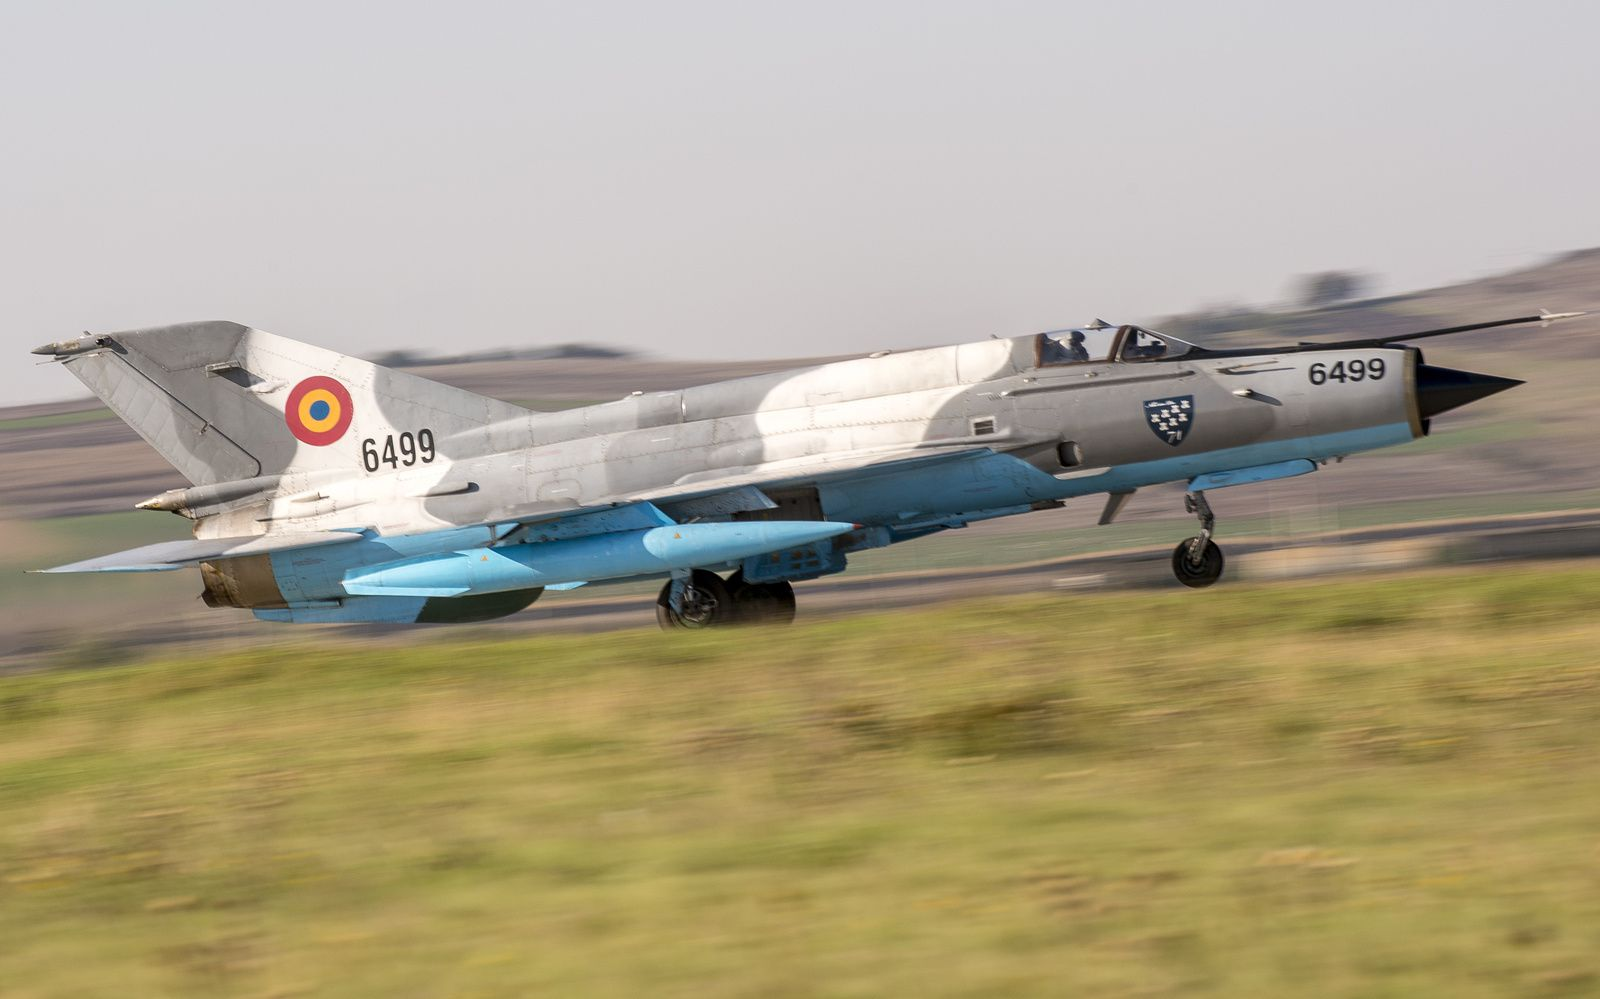 Un Mig-21 de la Force aérienne roumaine s'est écrasé lors d'une démonstration aérienne